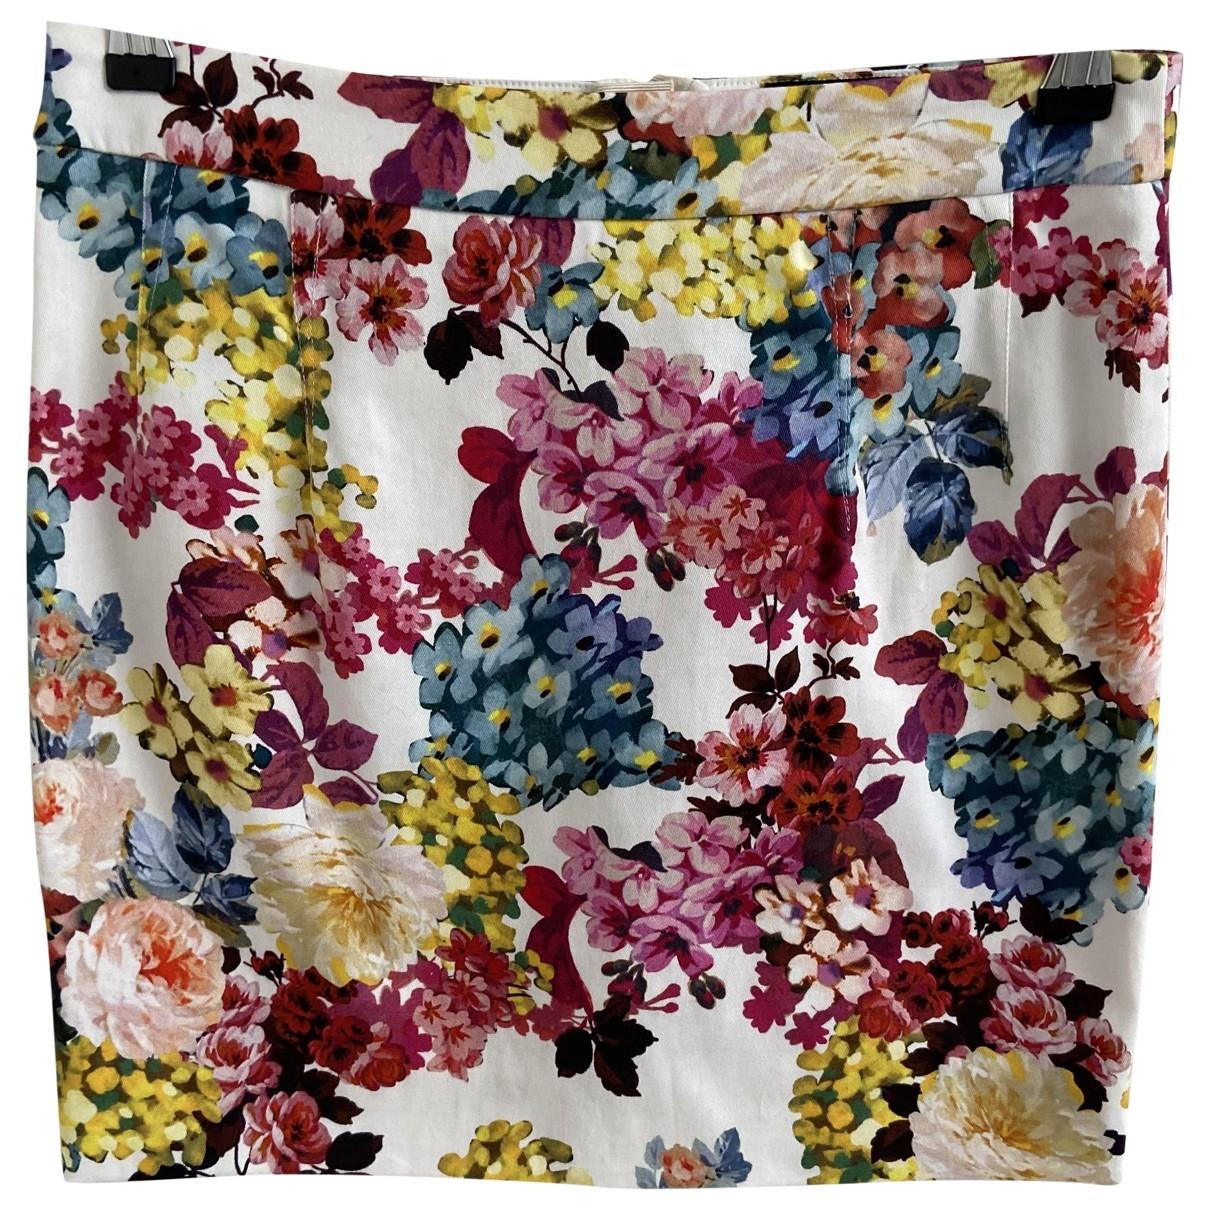 D&g - Jupe   pour femme en coton - multicolore